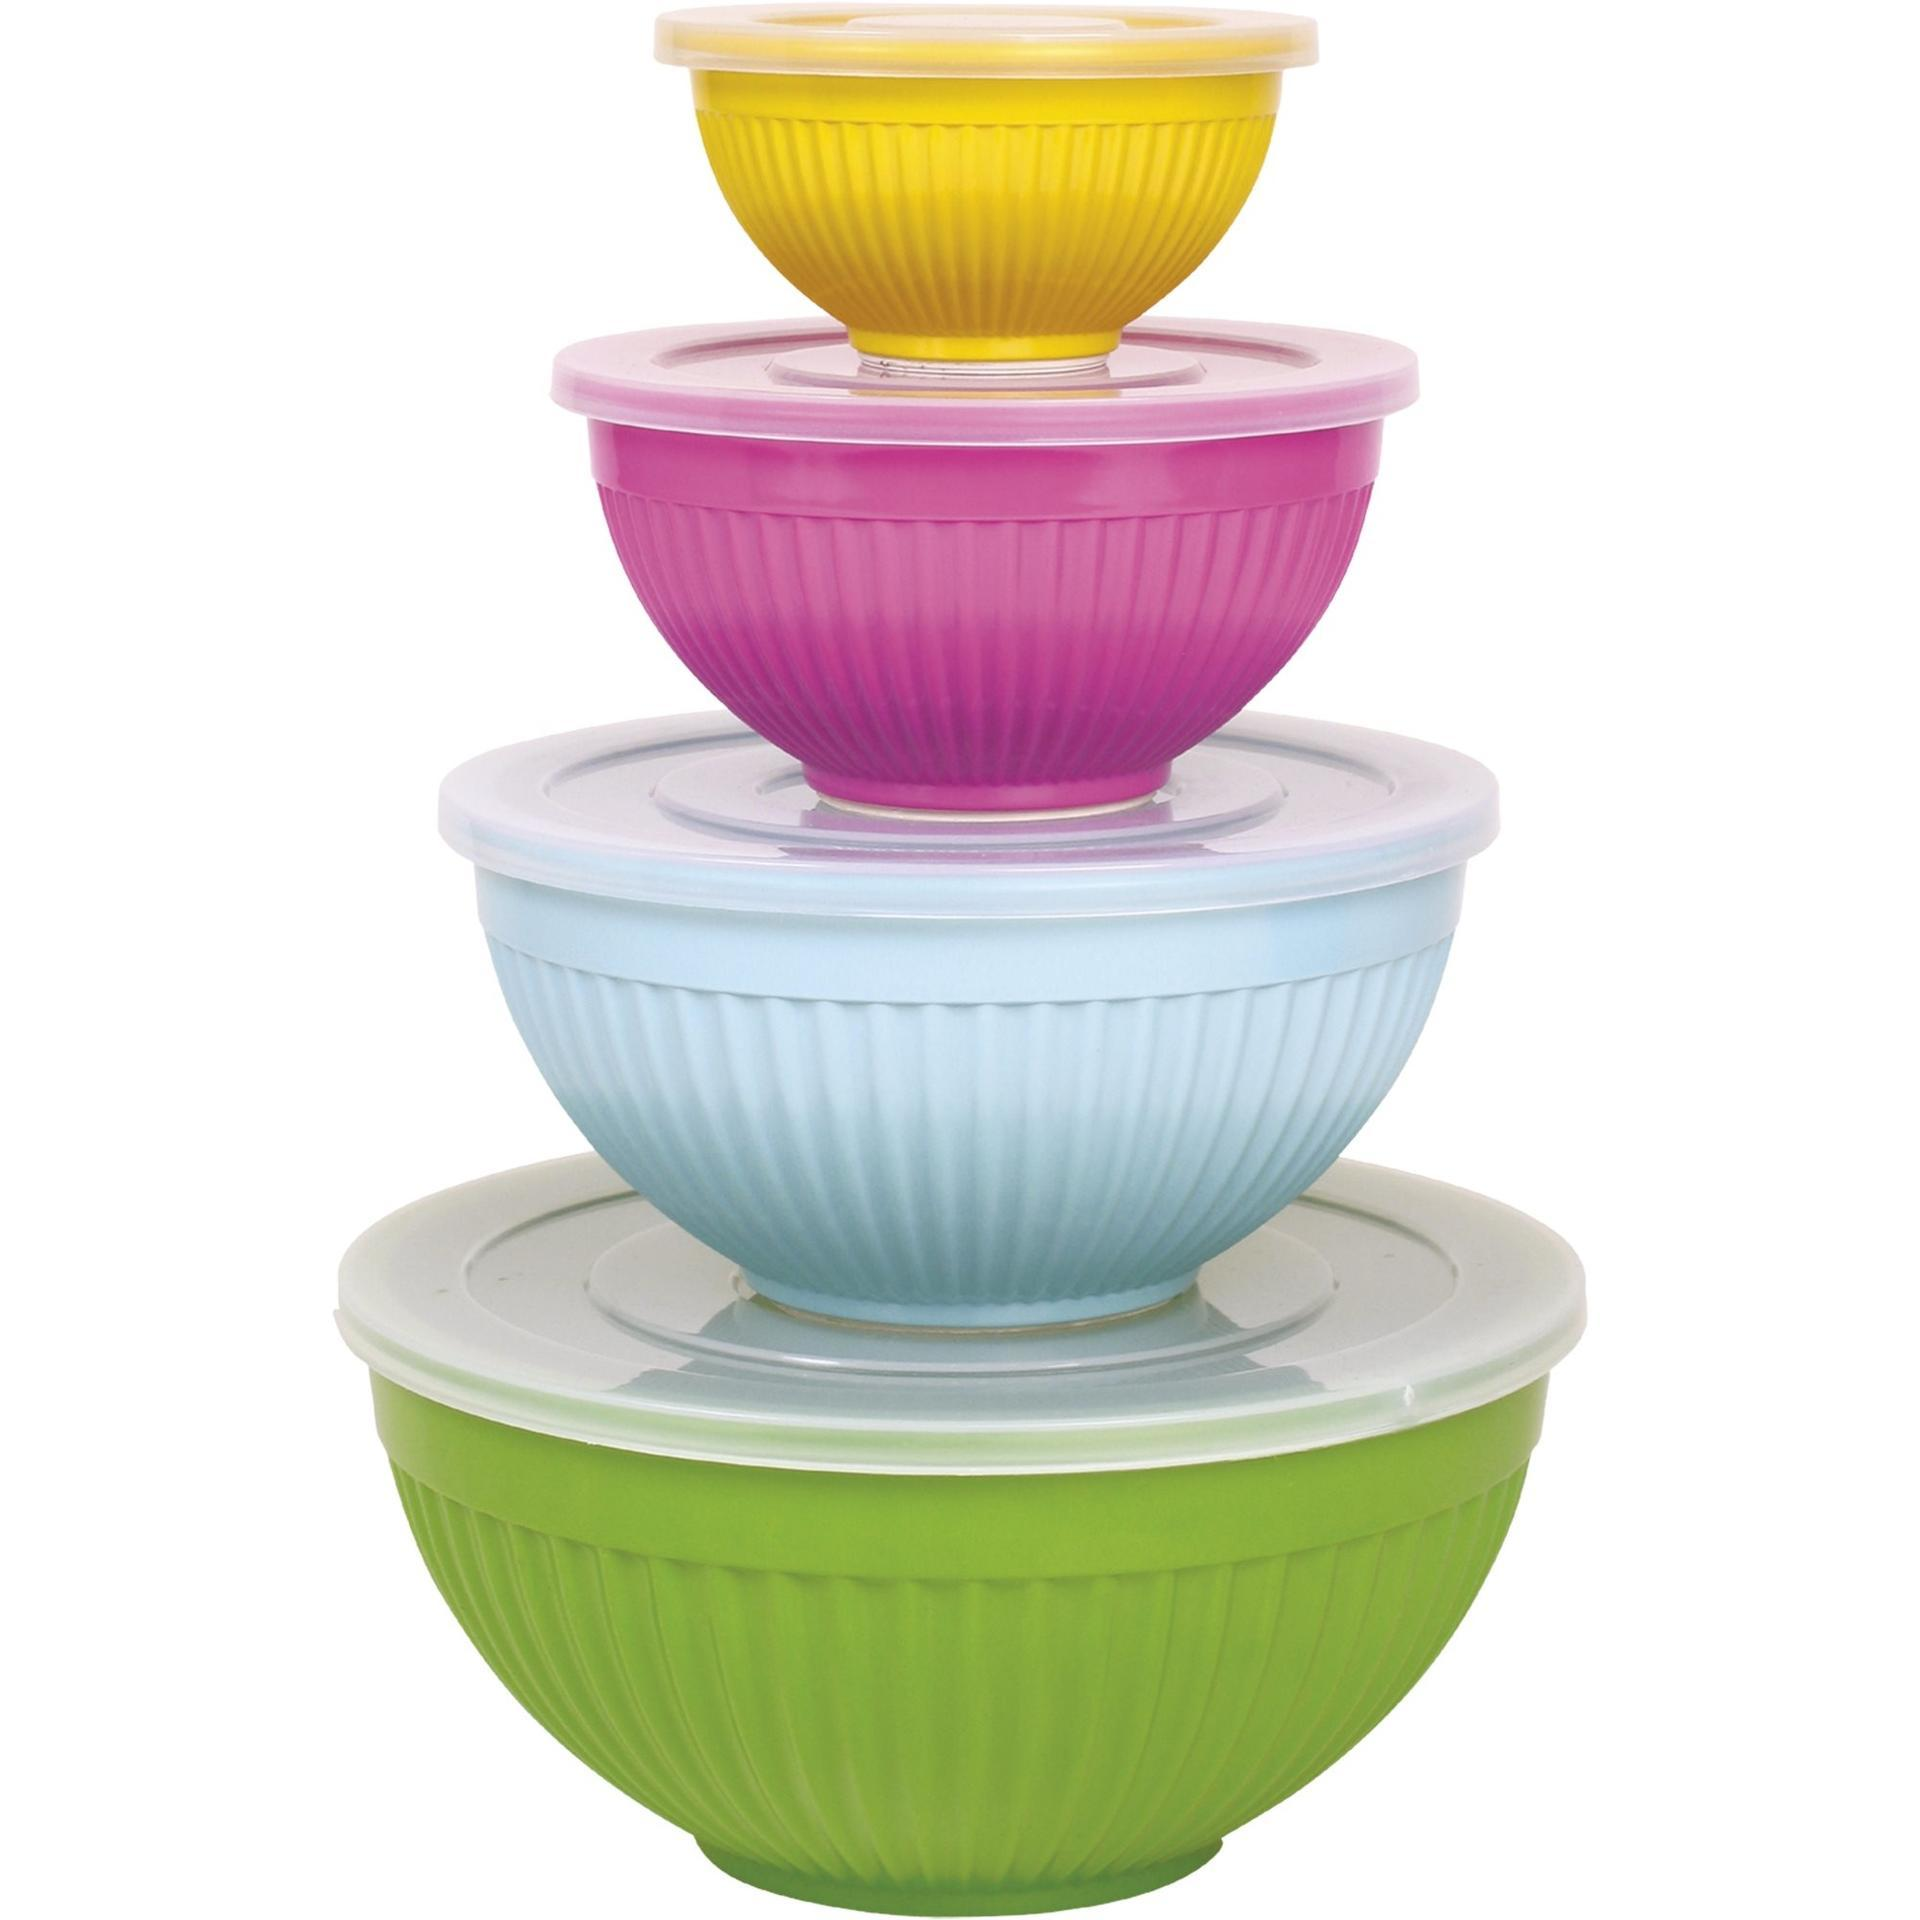 rice Melaminová miska s víčkem 2 A - zelená, růžová barva, modrá barva, zelená barva, žlutá barva, melamin